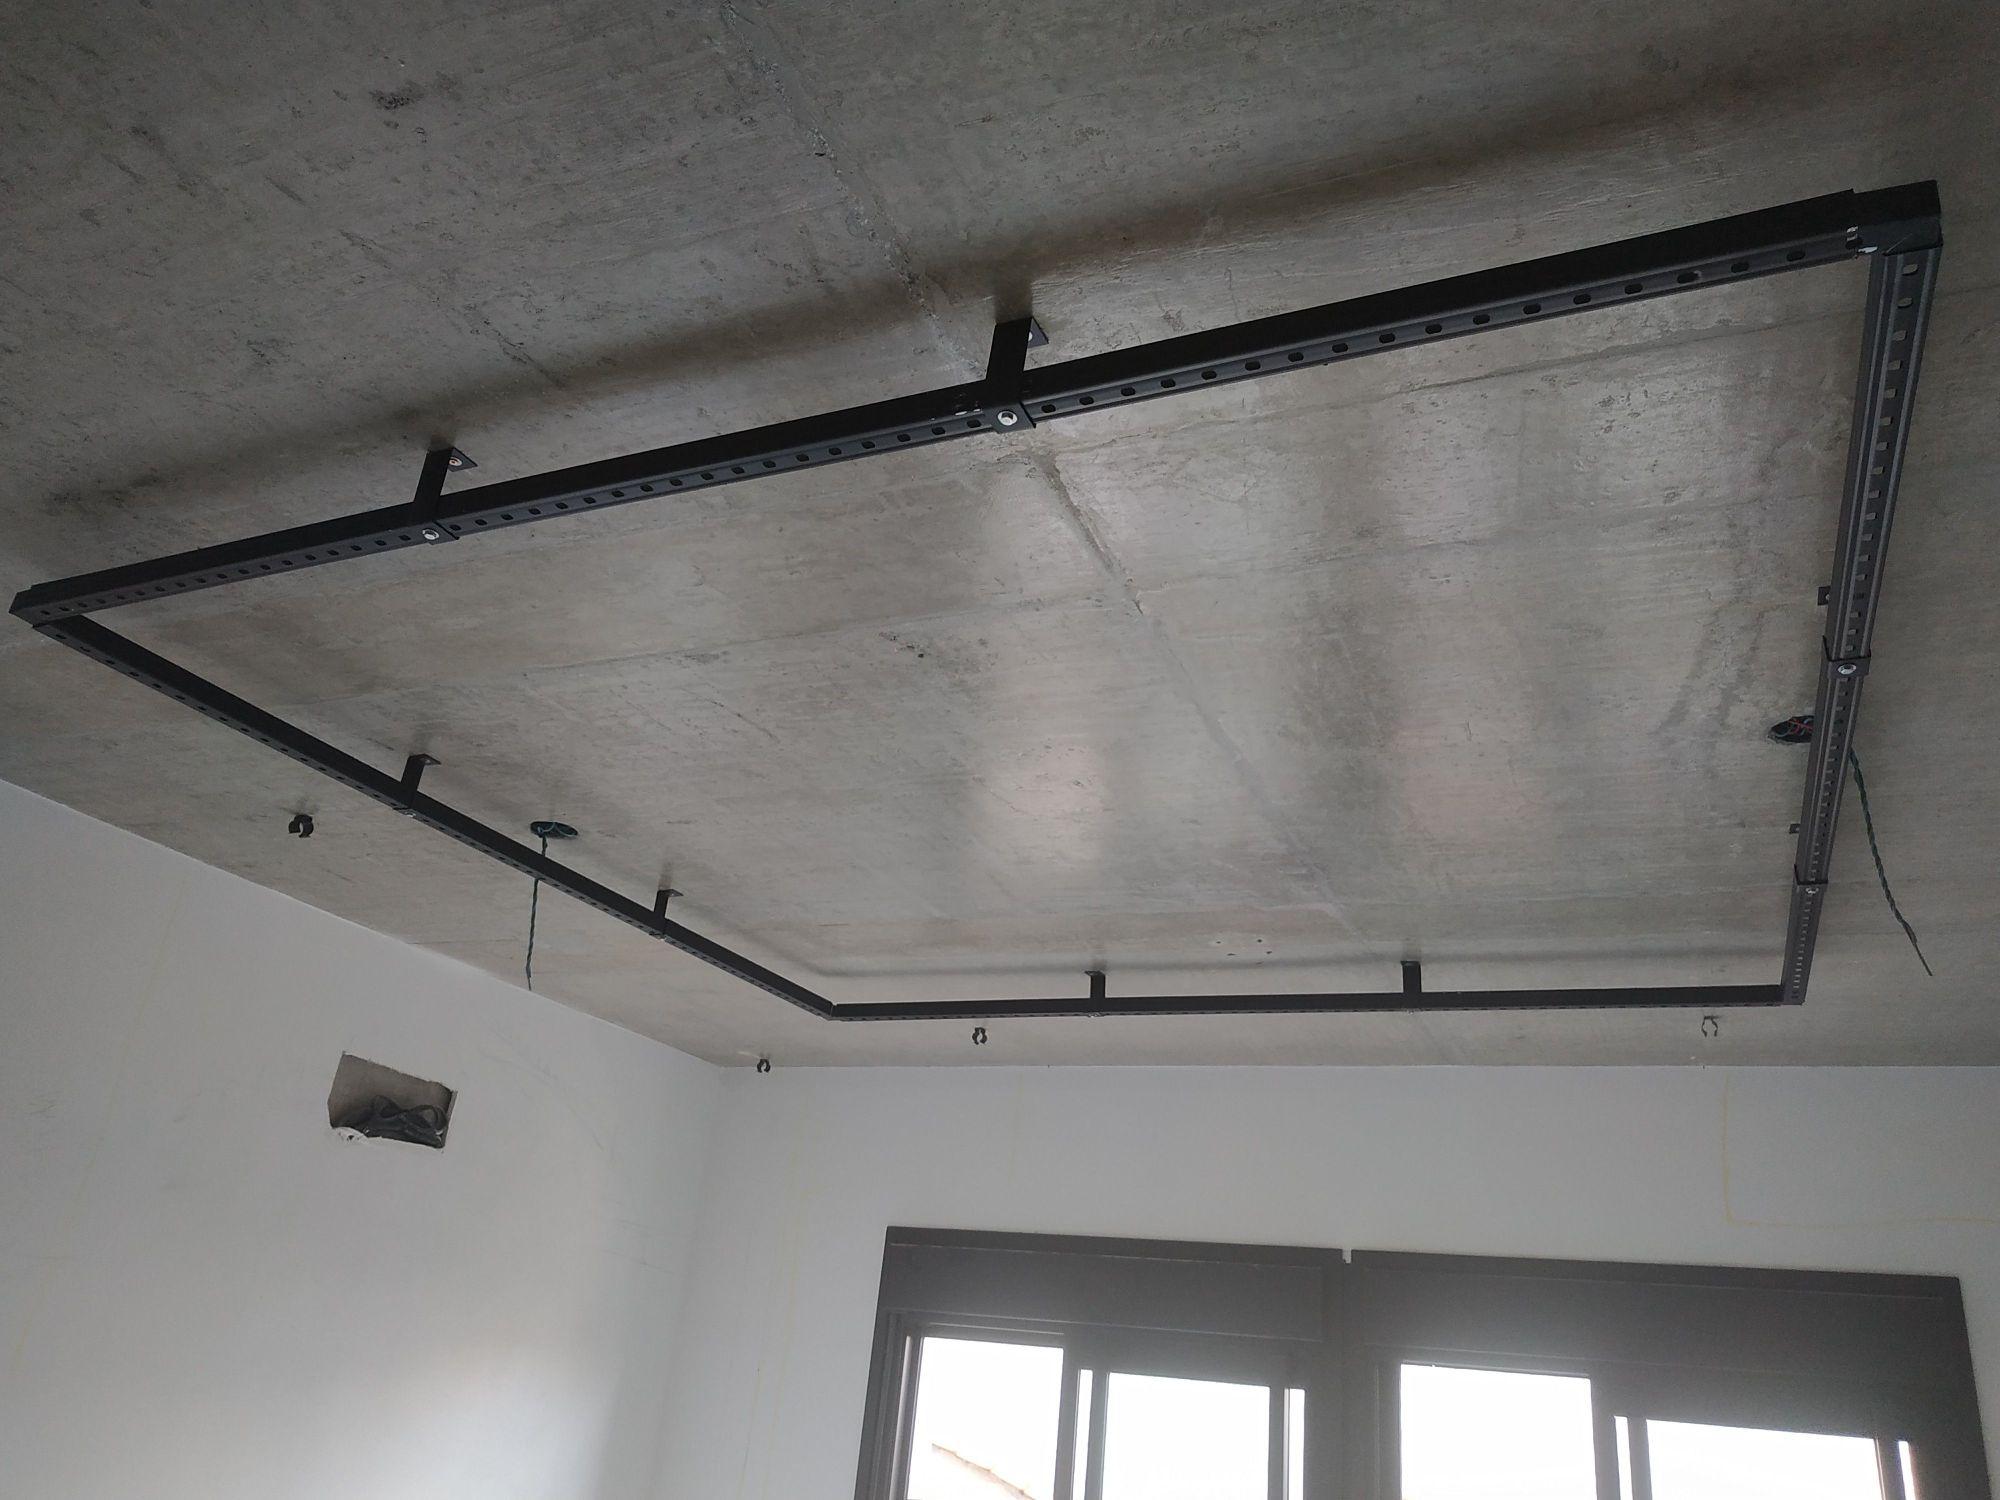 Instalação de eletrodutos e conduletes